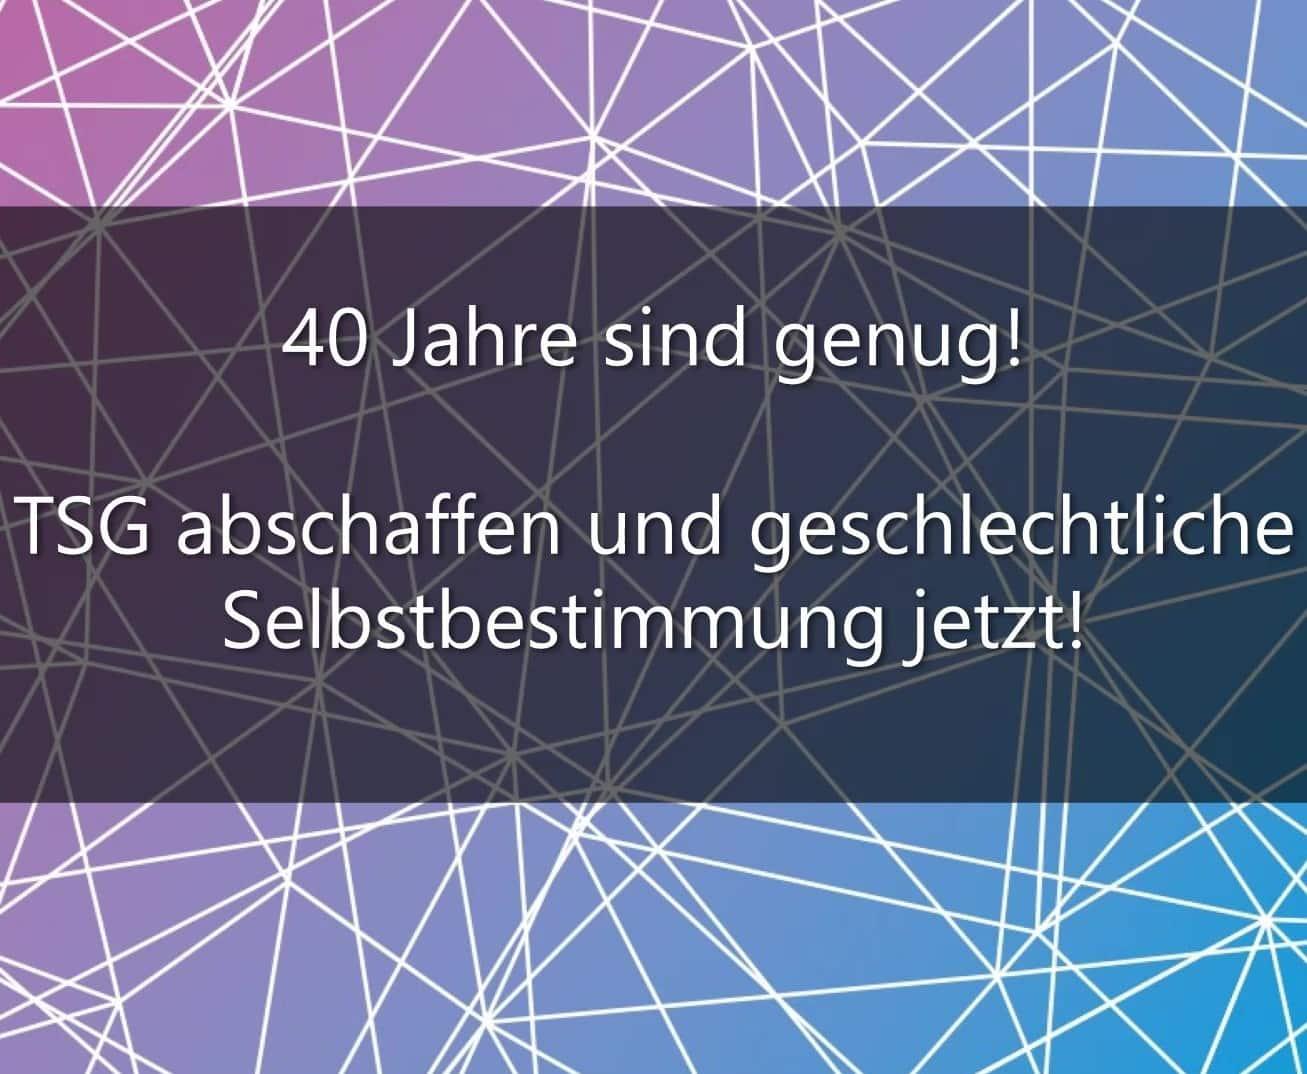 40 Jahre Sind Genug! – TSG Abschaffen Und Geschlechtliche Selbstbestimmung Jetzt!